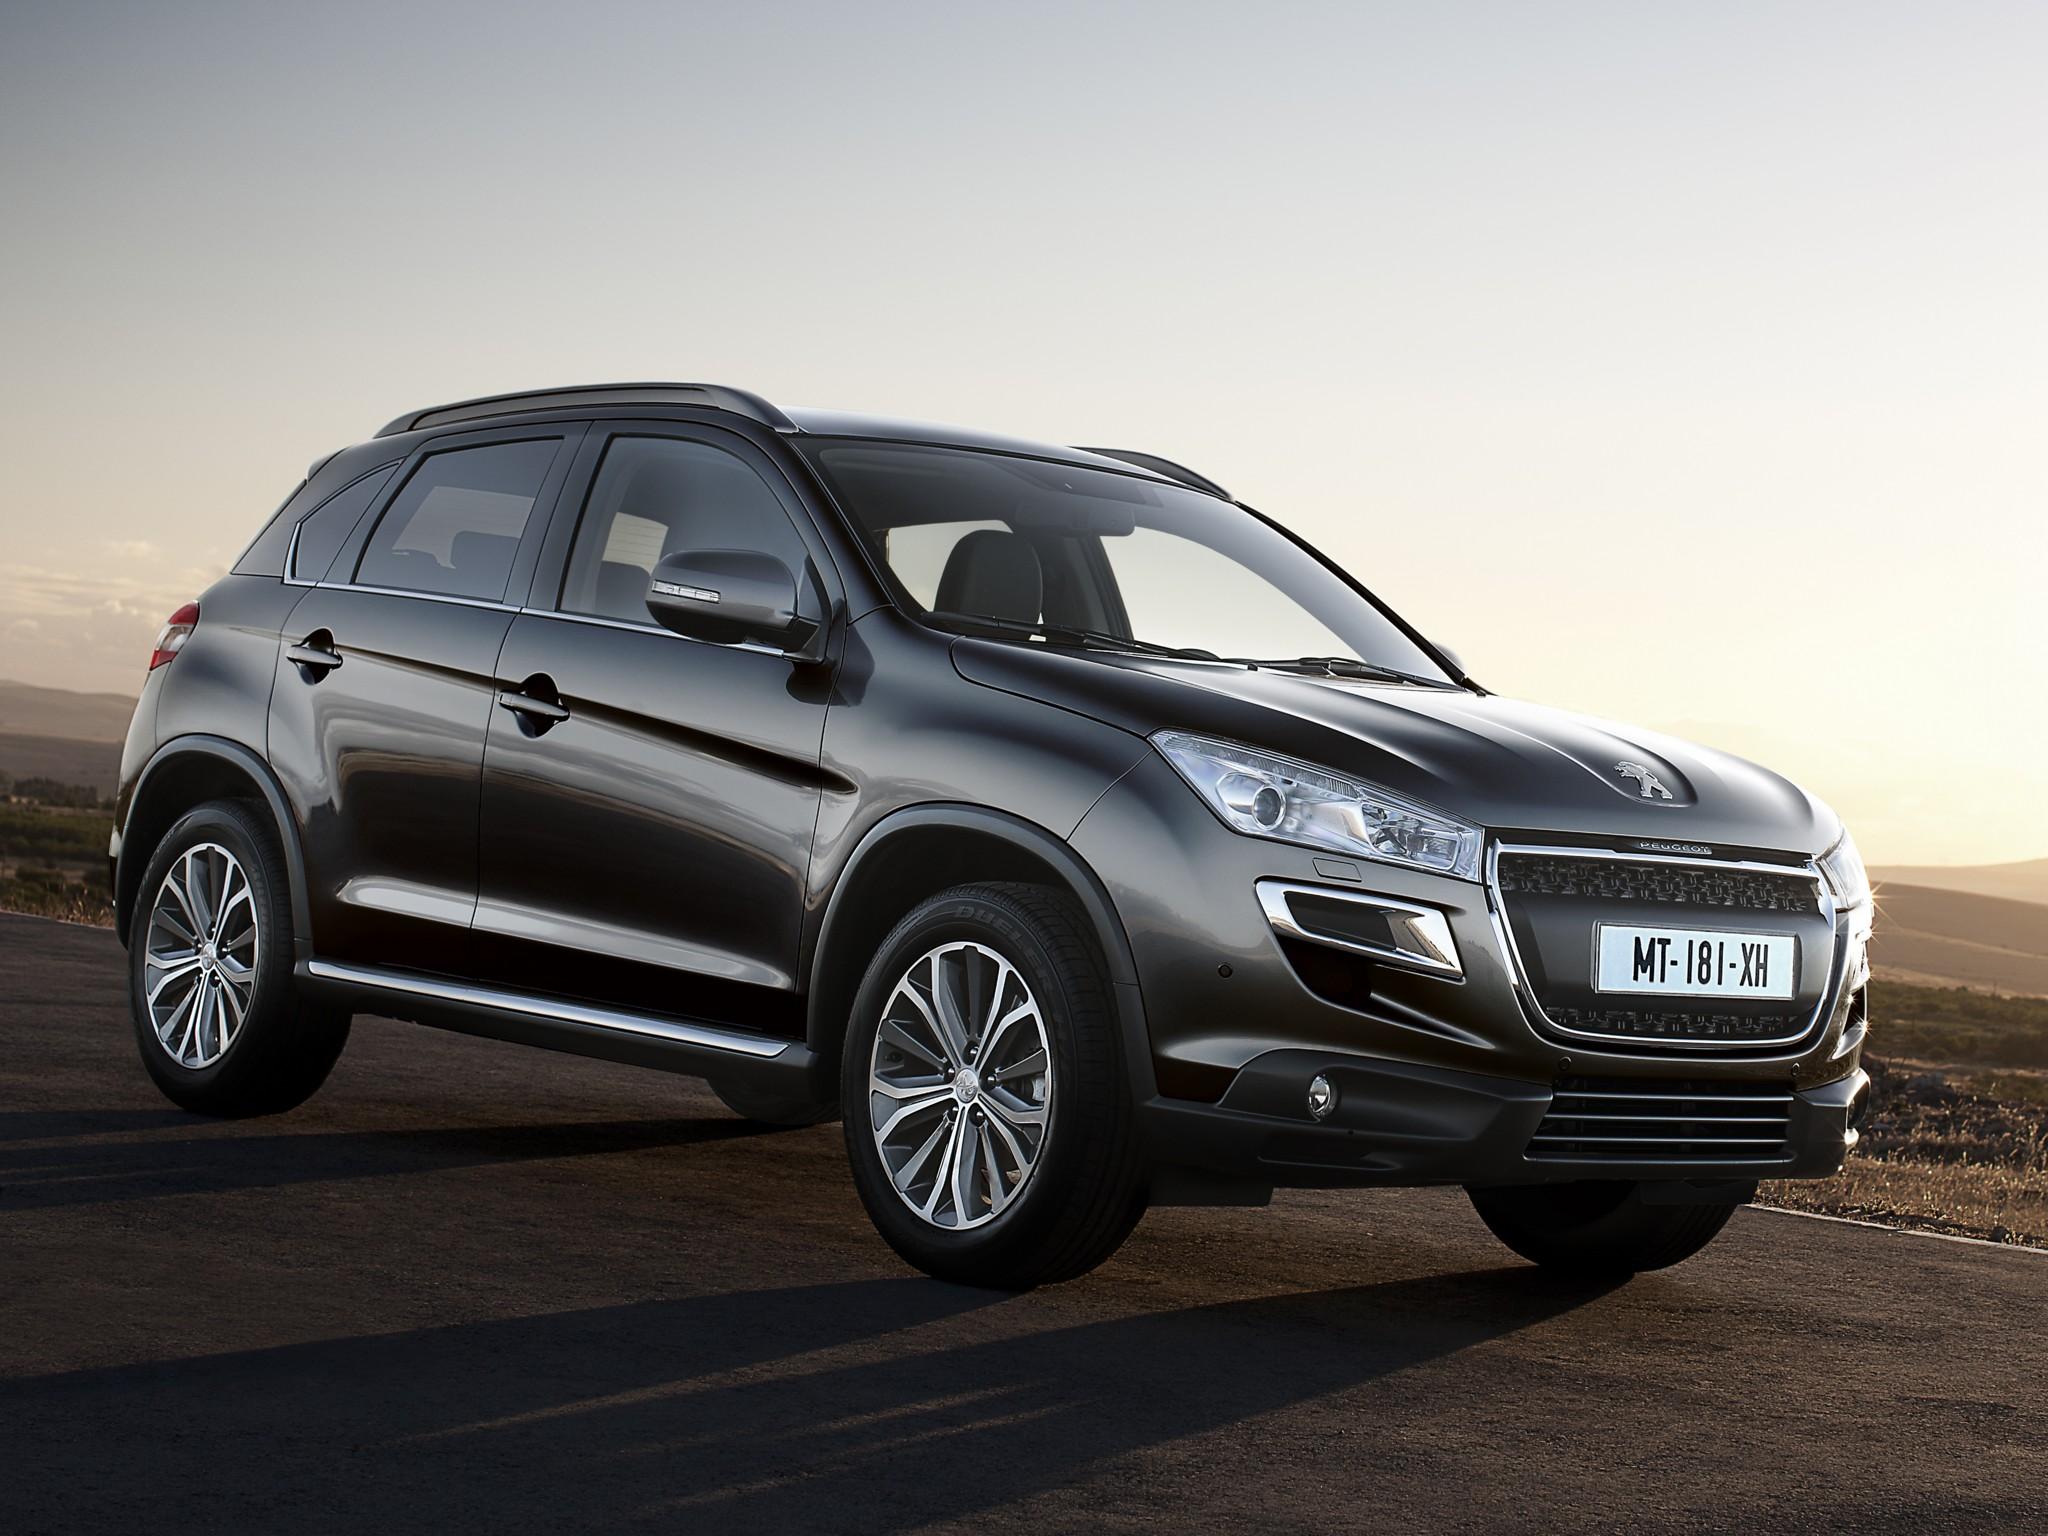 PEUGEOT Peugeot 4008 specs & photos - 2012, 2013, 2014 ...  Peugeot 4008 2015